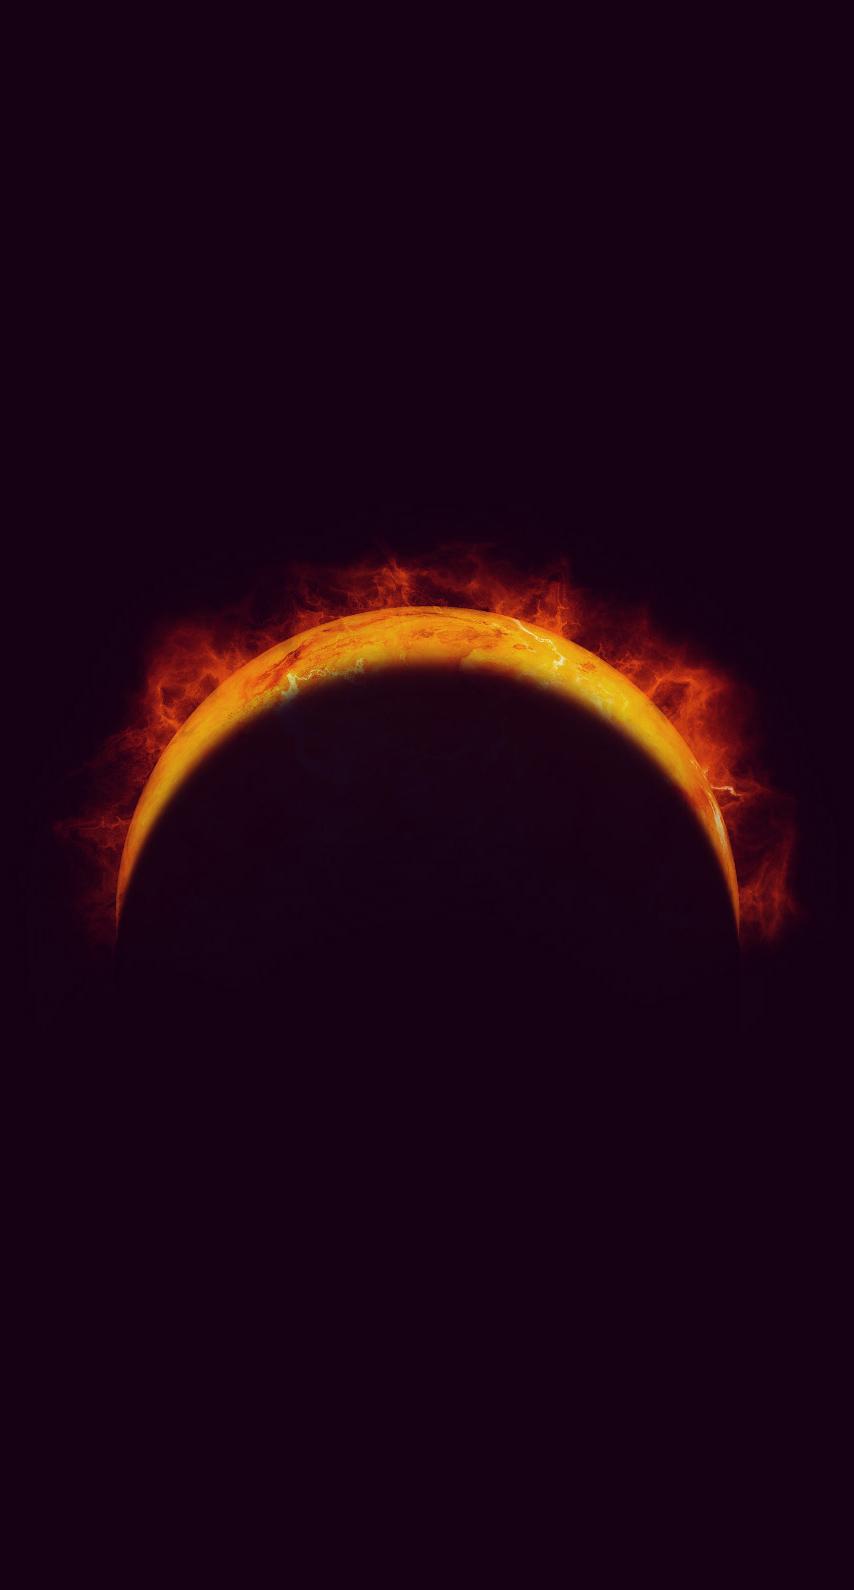 astronomy, atmosphere